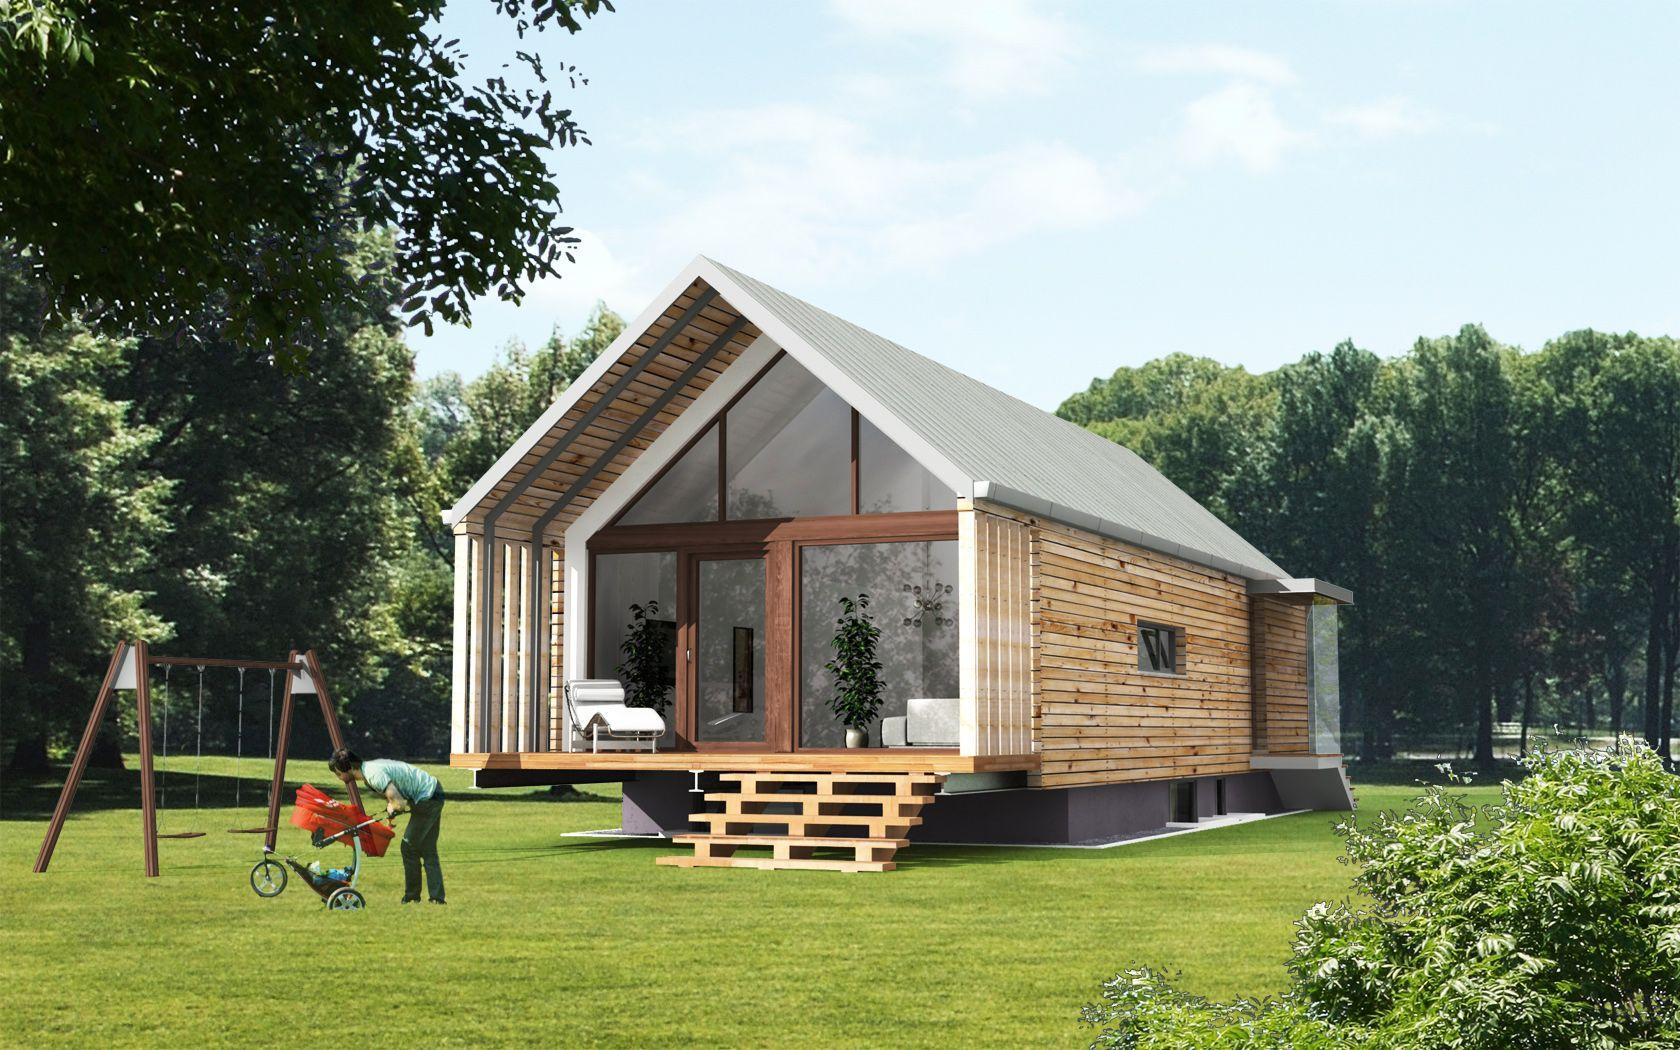 fertighaus ek 024 architektur pinterest haus holzhaus und g nstiges haus. Black Bedroom Furniture Sets. Home Design Ideas